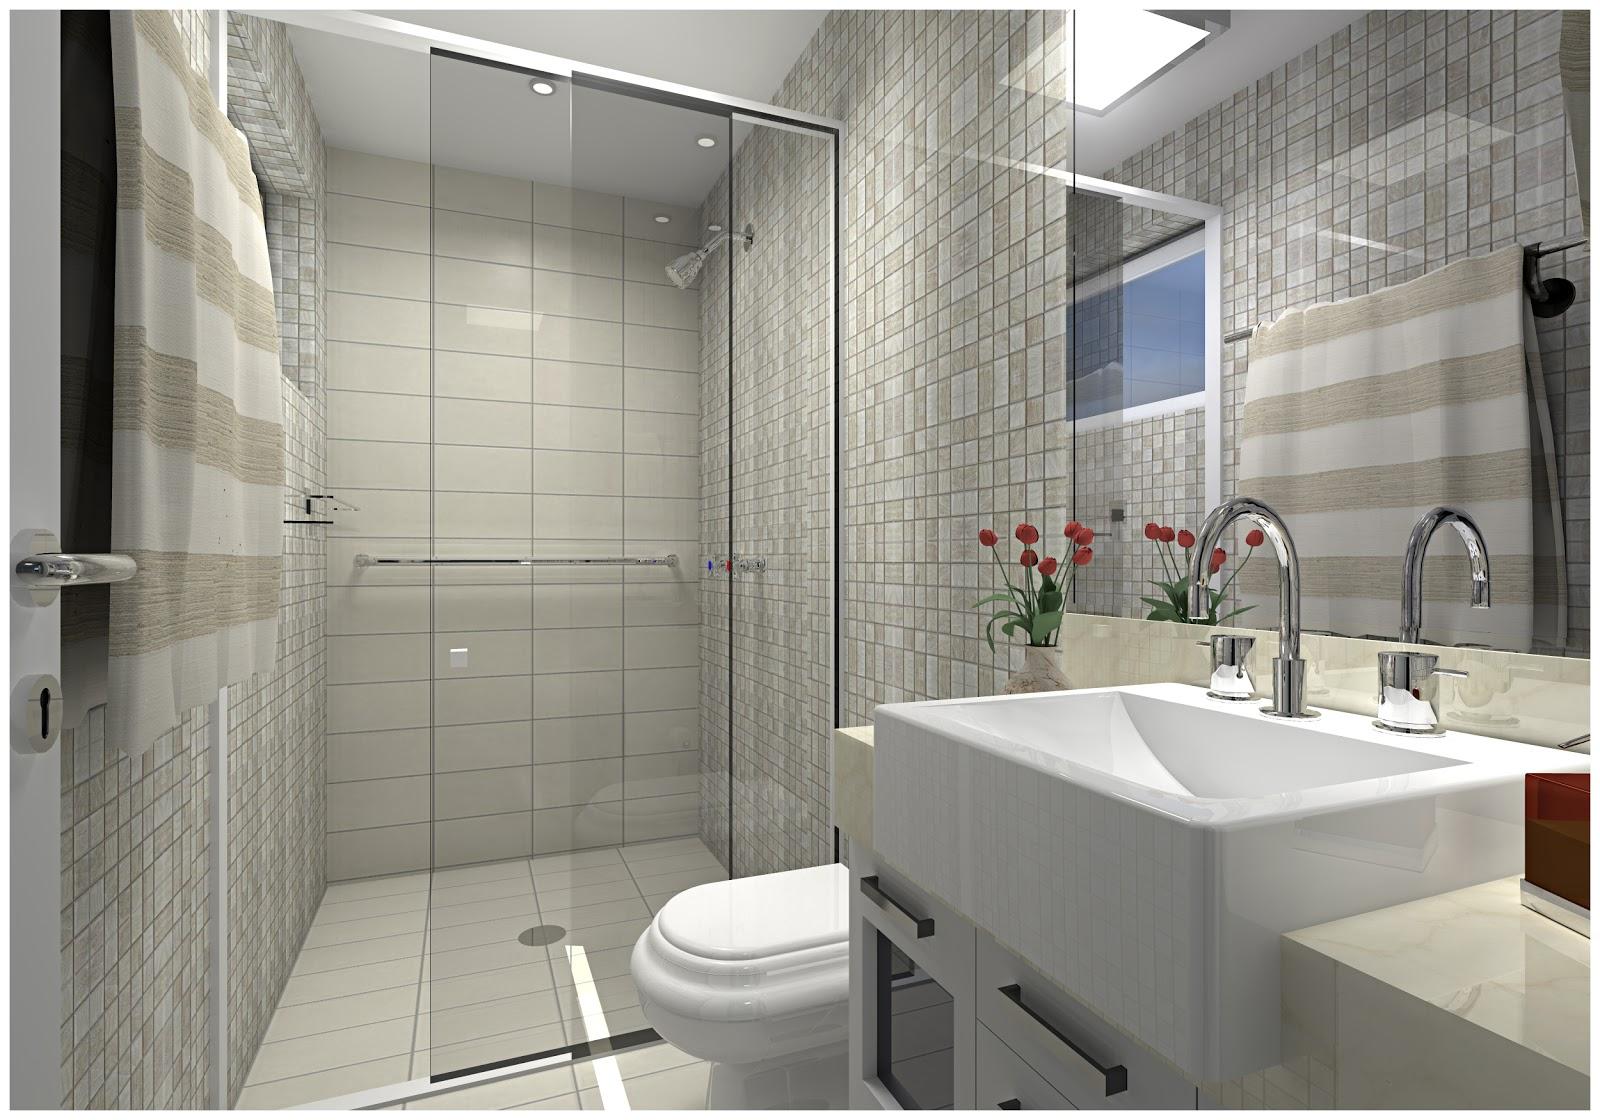 Pin De Banheiro Gastando Pouco Como Decorar 2 Tem Dicas Pelautscom on  #673A33 1600 1120